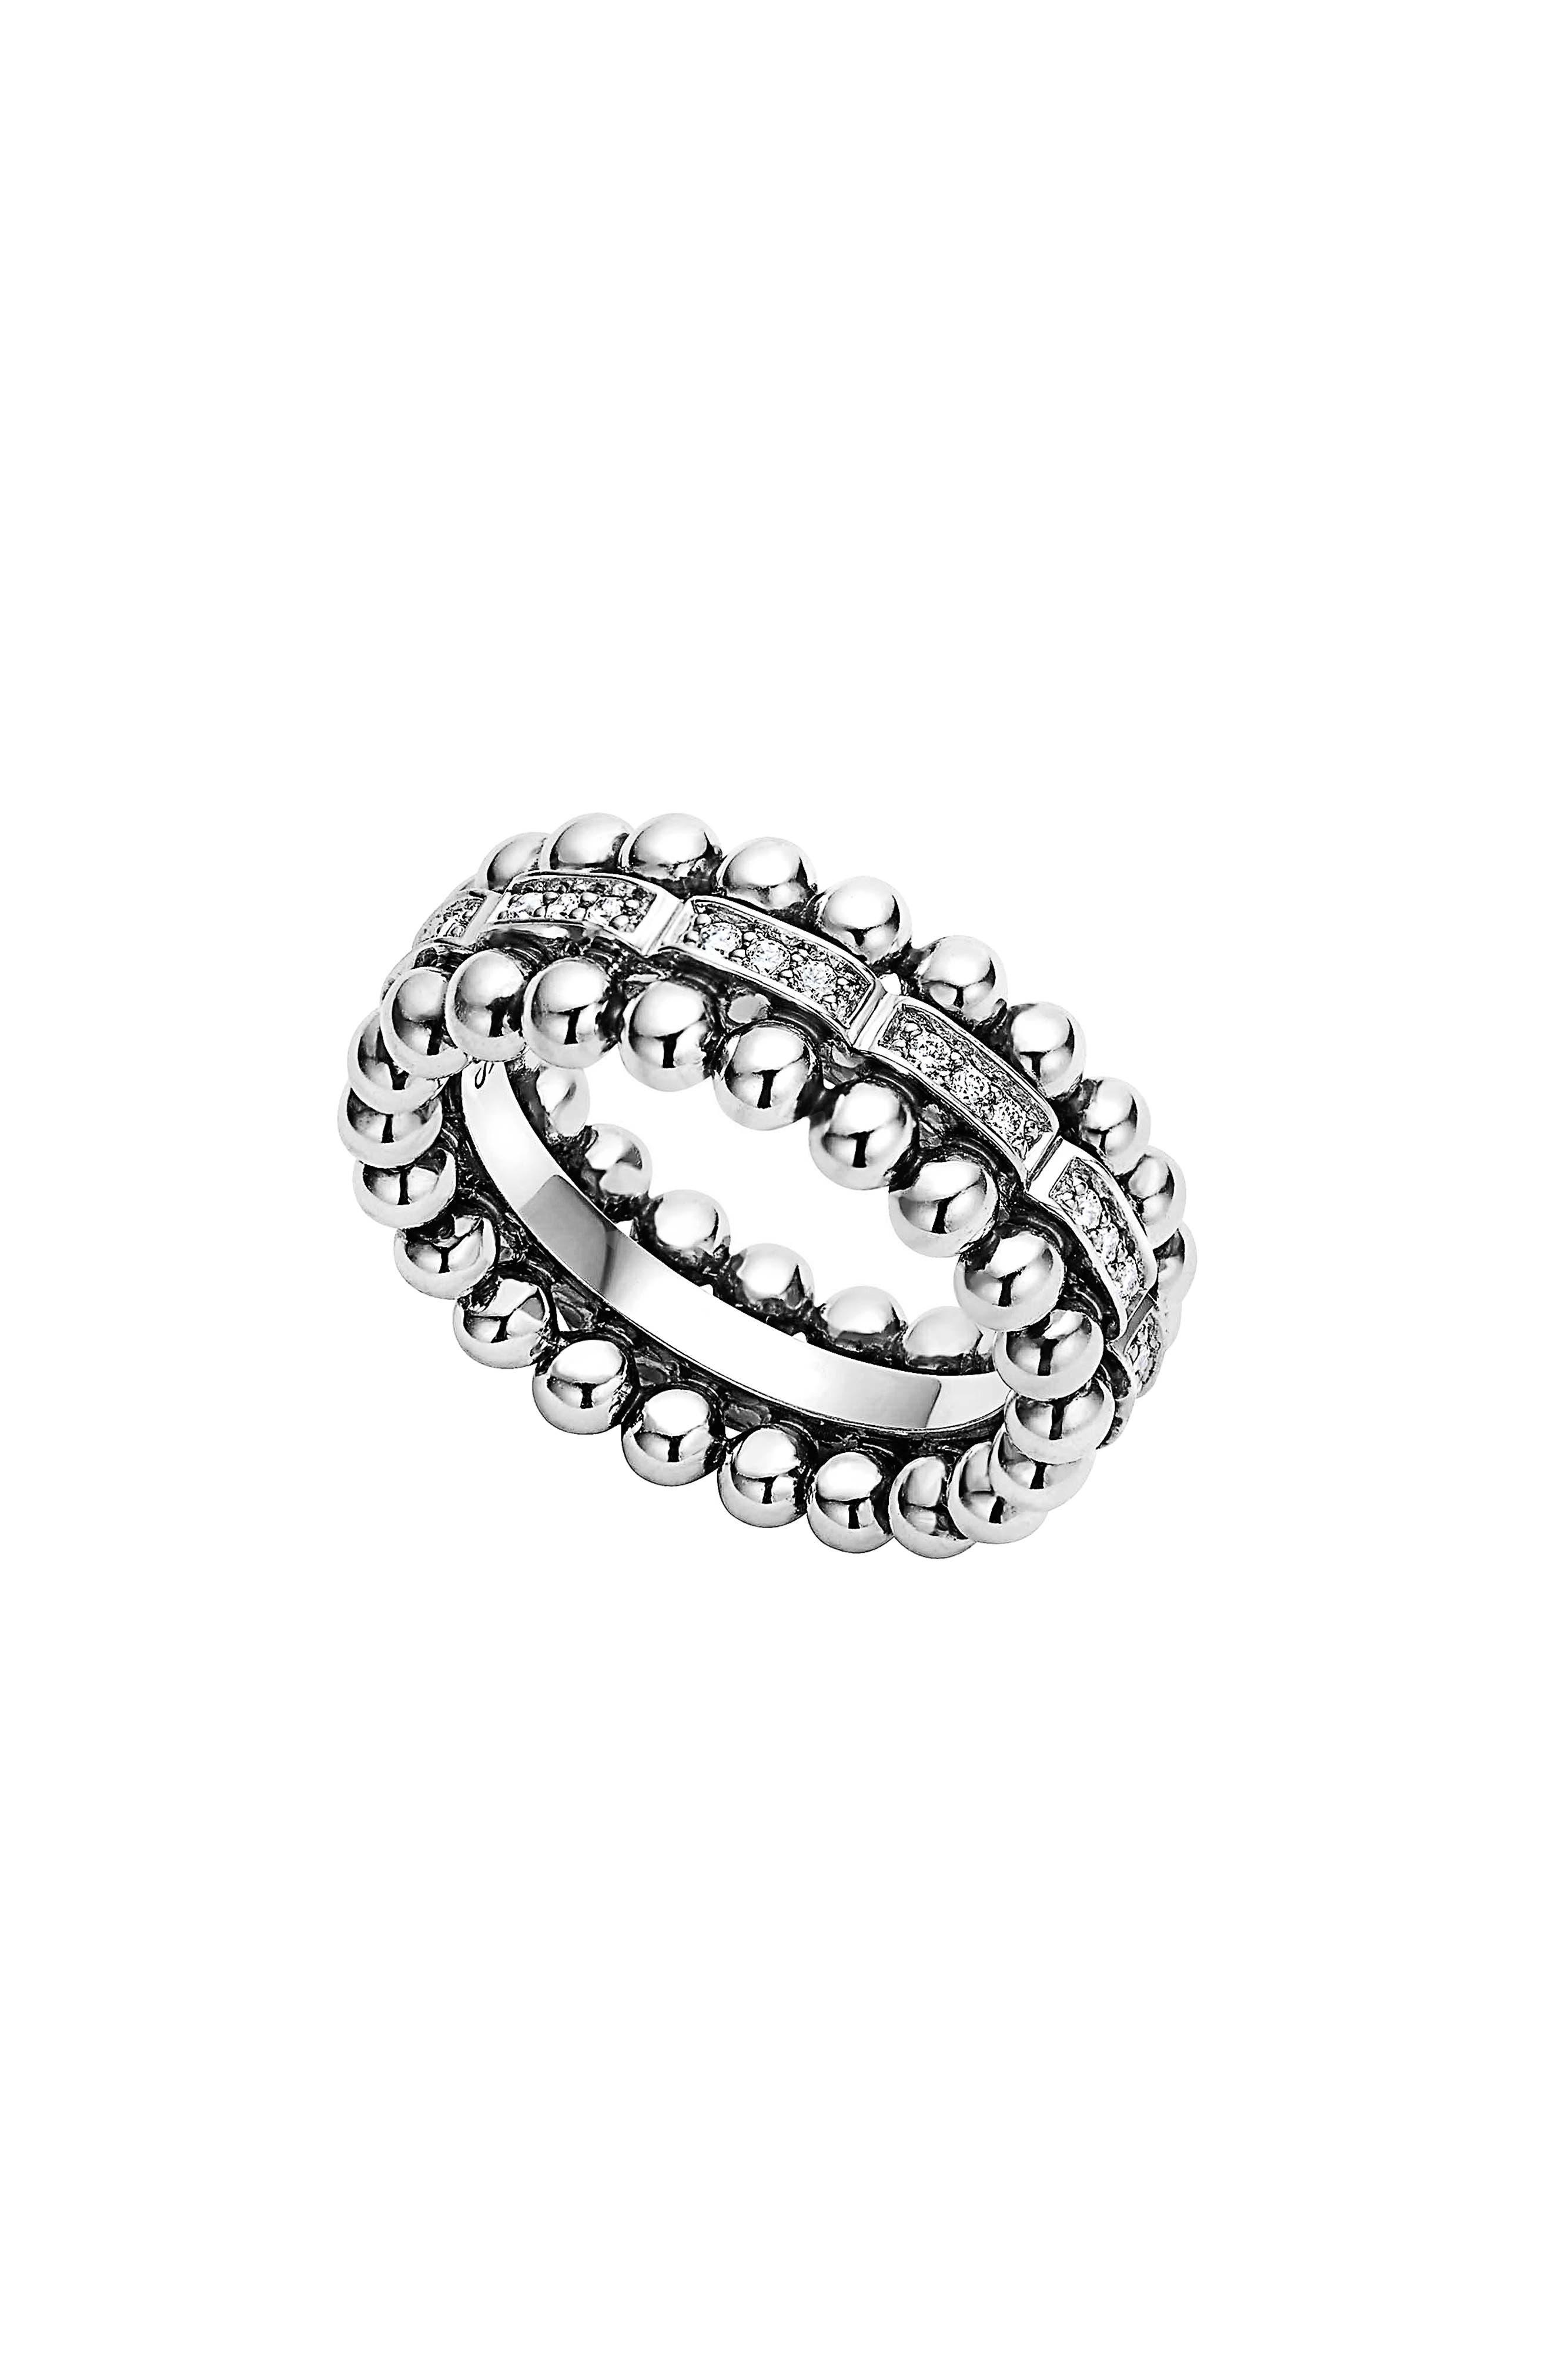 Caviar Spark Diamond Band Ring,                         Main,                         color, SILVER/ DIAMOND